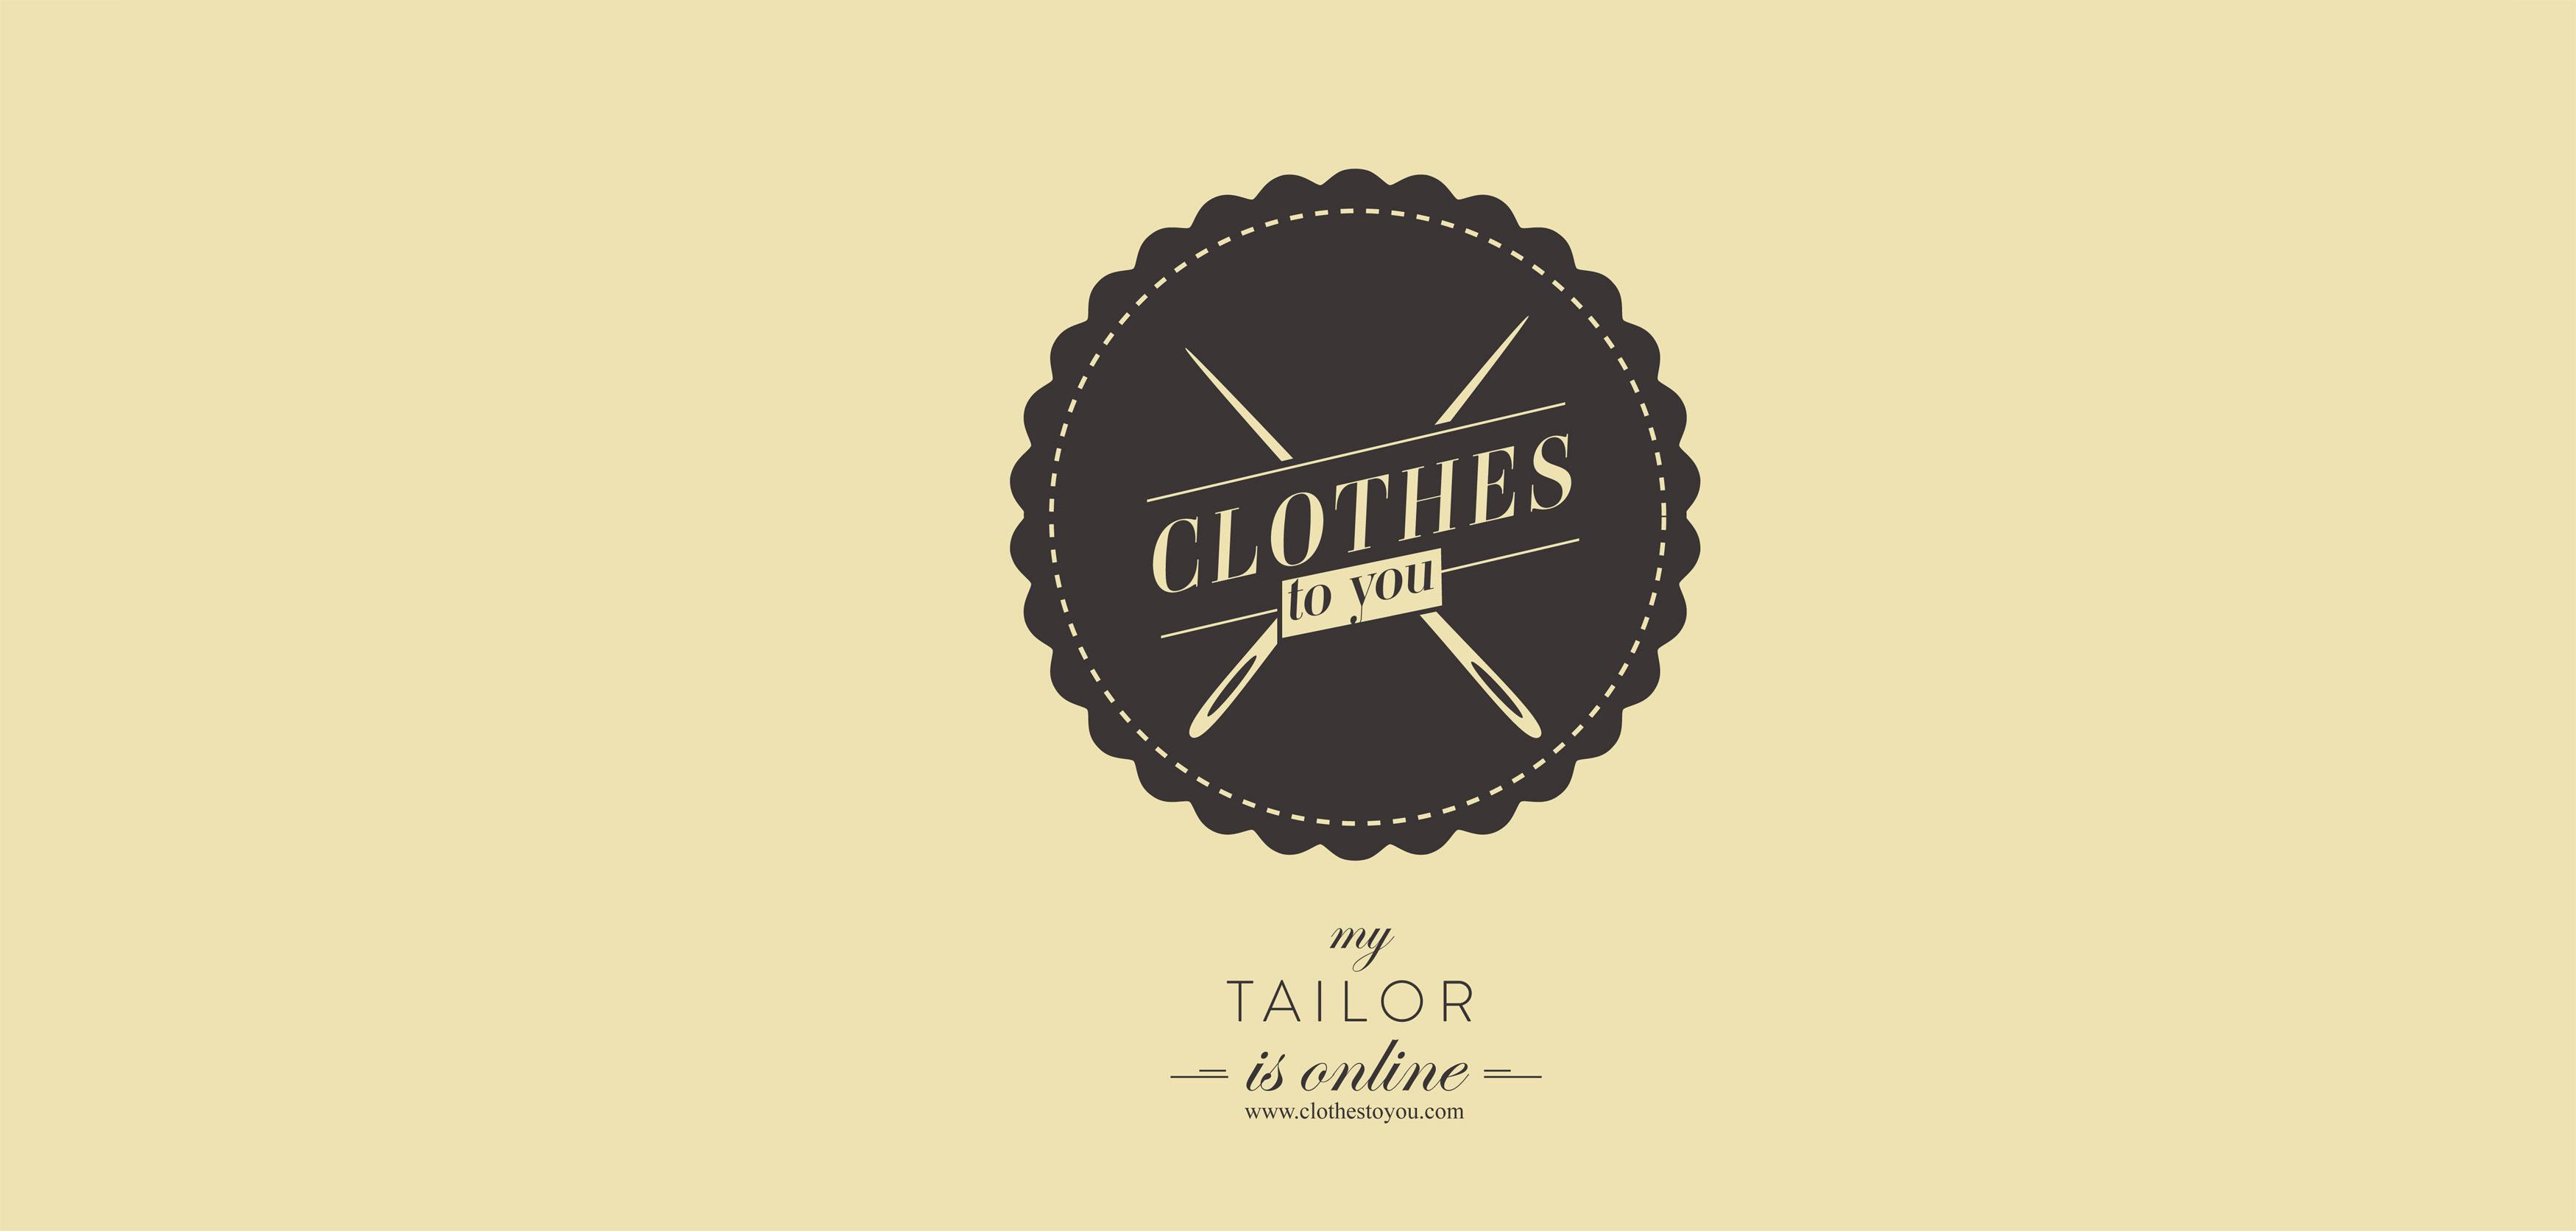 clothes-to-you-logo-2